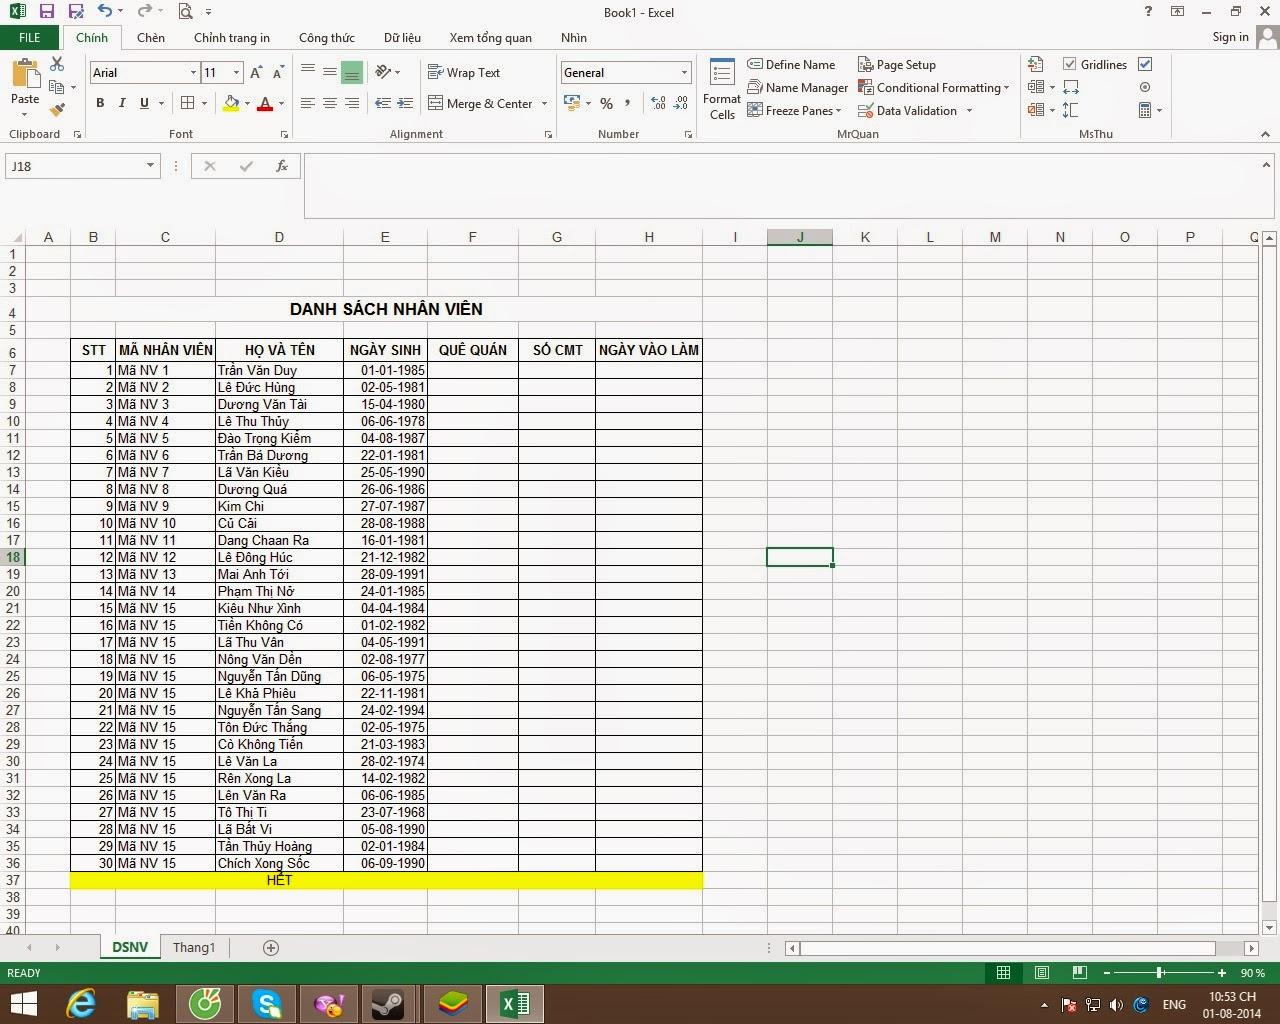 Tạo Mã Nhân Viên Trong Excel Vô Cùng Đơn Giản, Cách Nhập Mã Tự Động Hiện Tên – Lingocard.vn